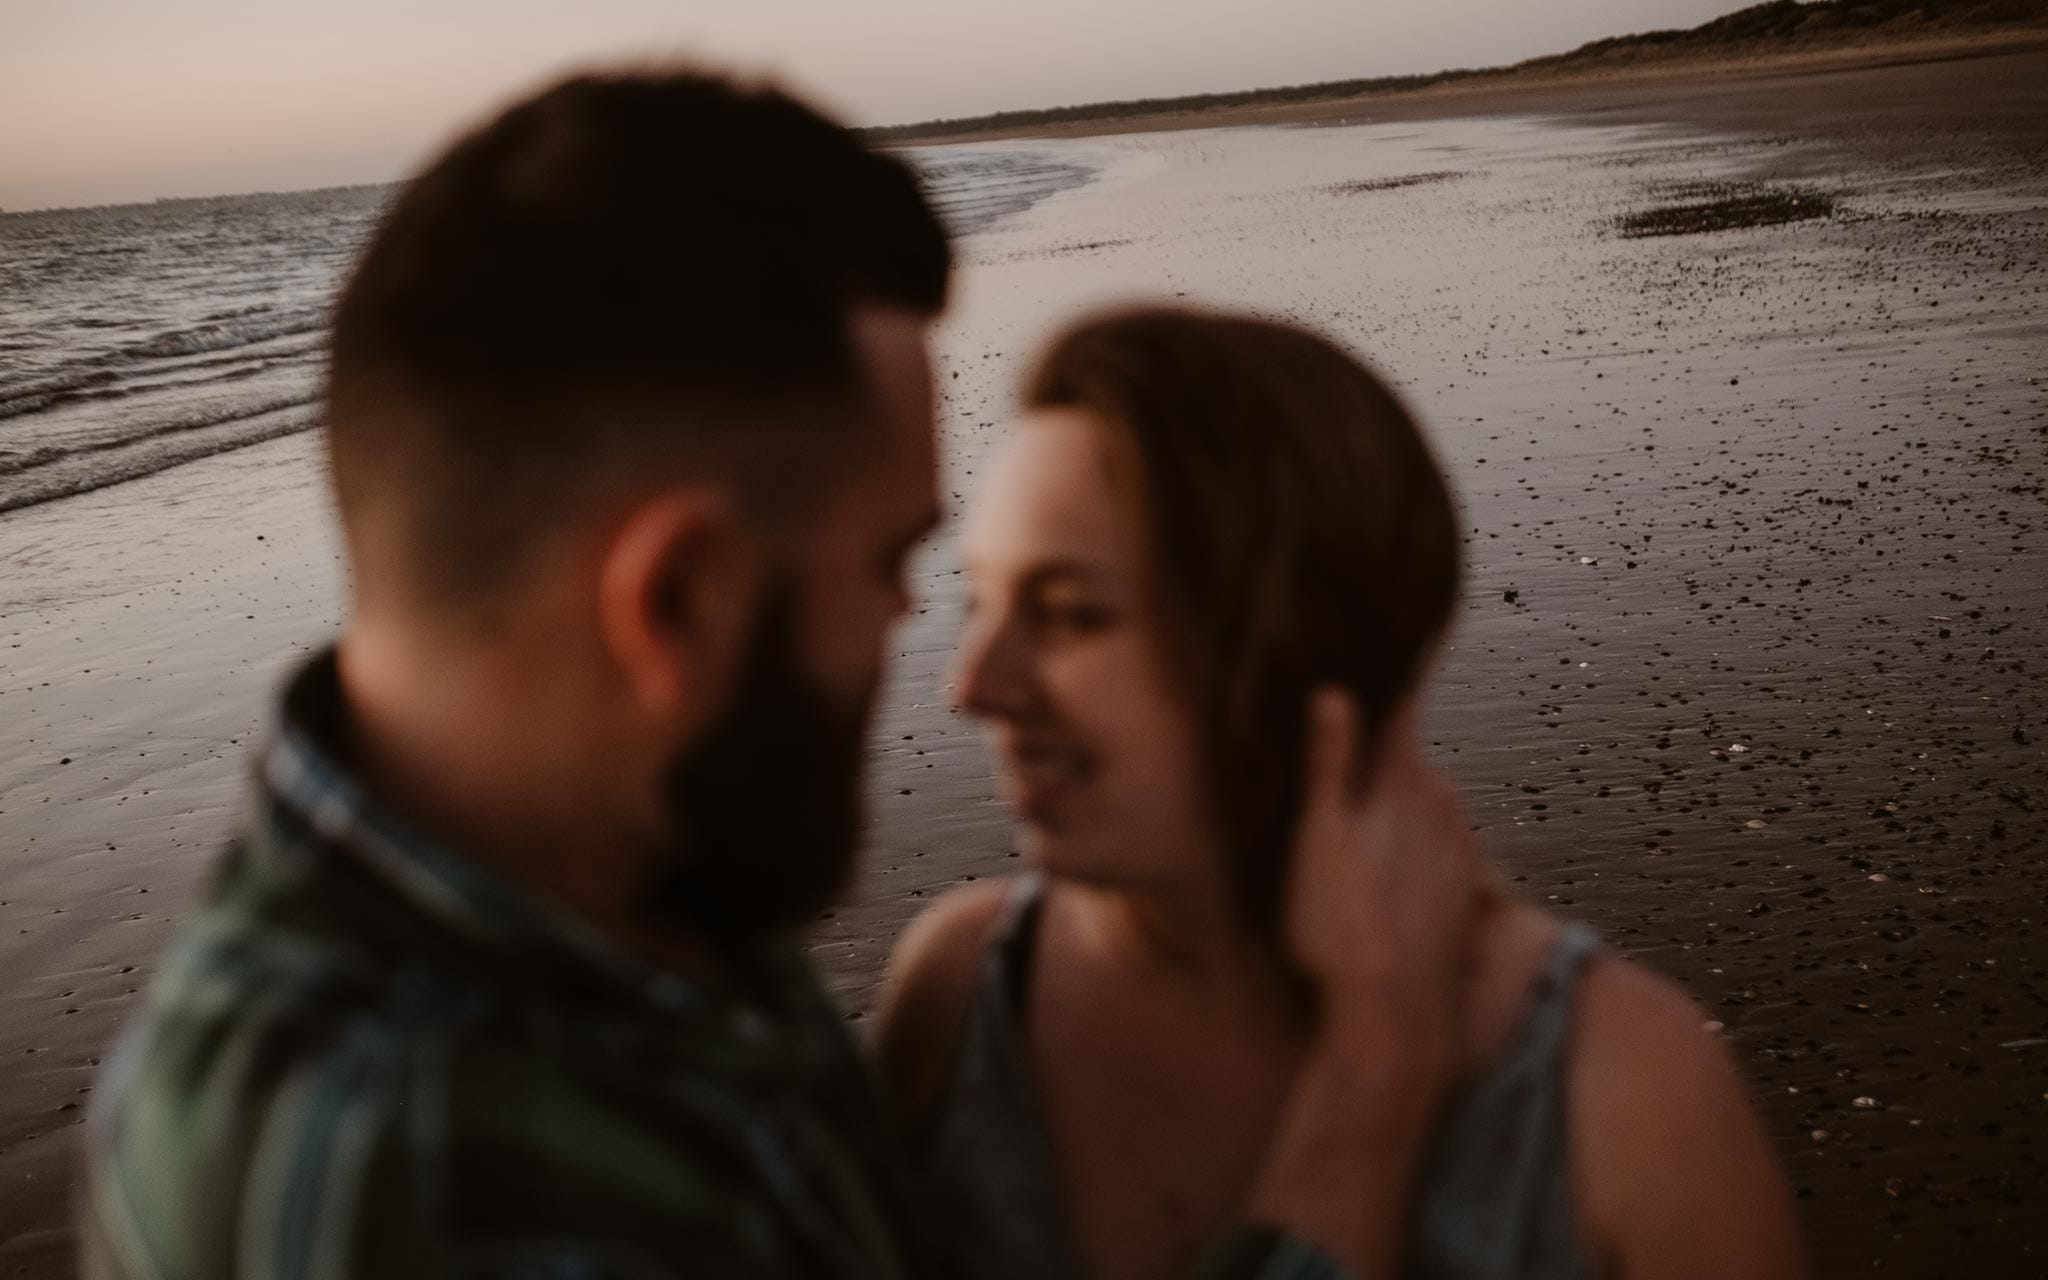 Séance couple femme enceinte en extérieur, à l'ambiance poétique et complice, sur la plage à la Baule par Geoffrey Arnoldy photographe